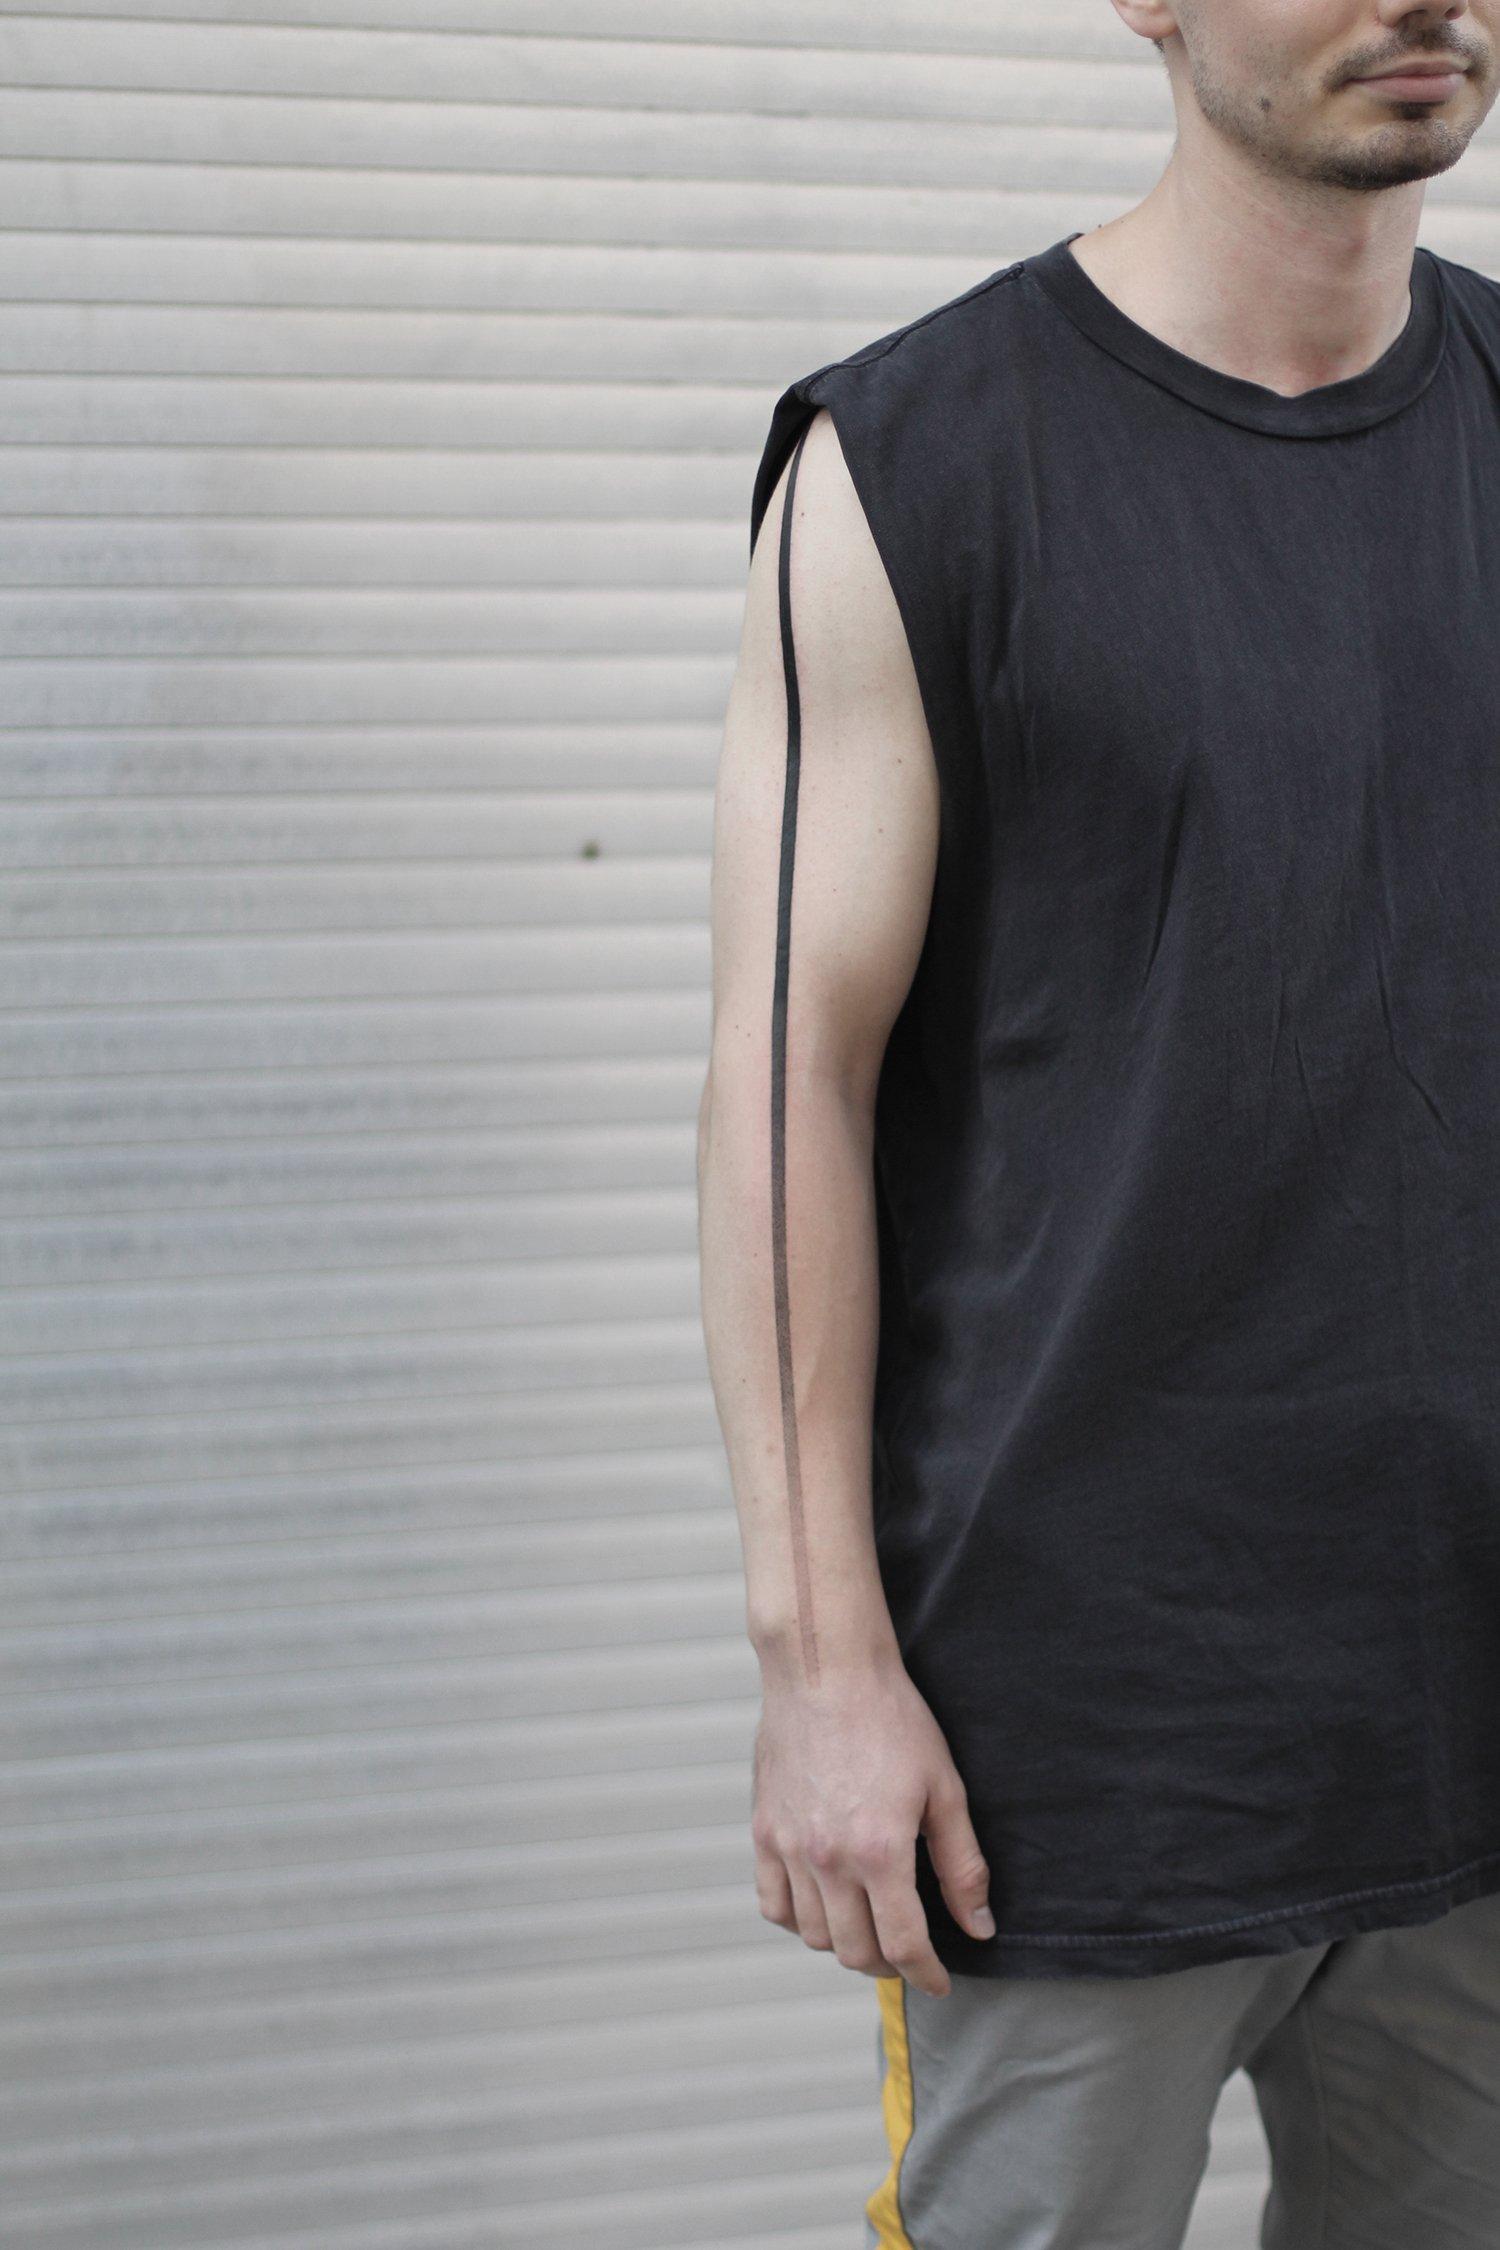 linework, line tattoo on arm, minimalist